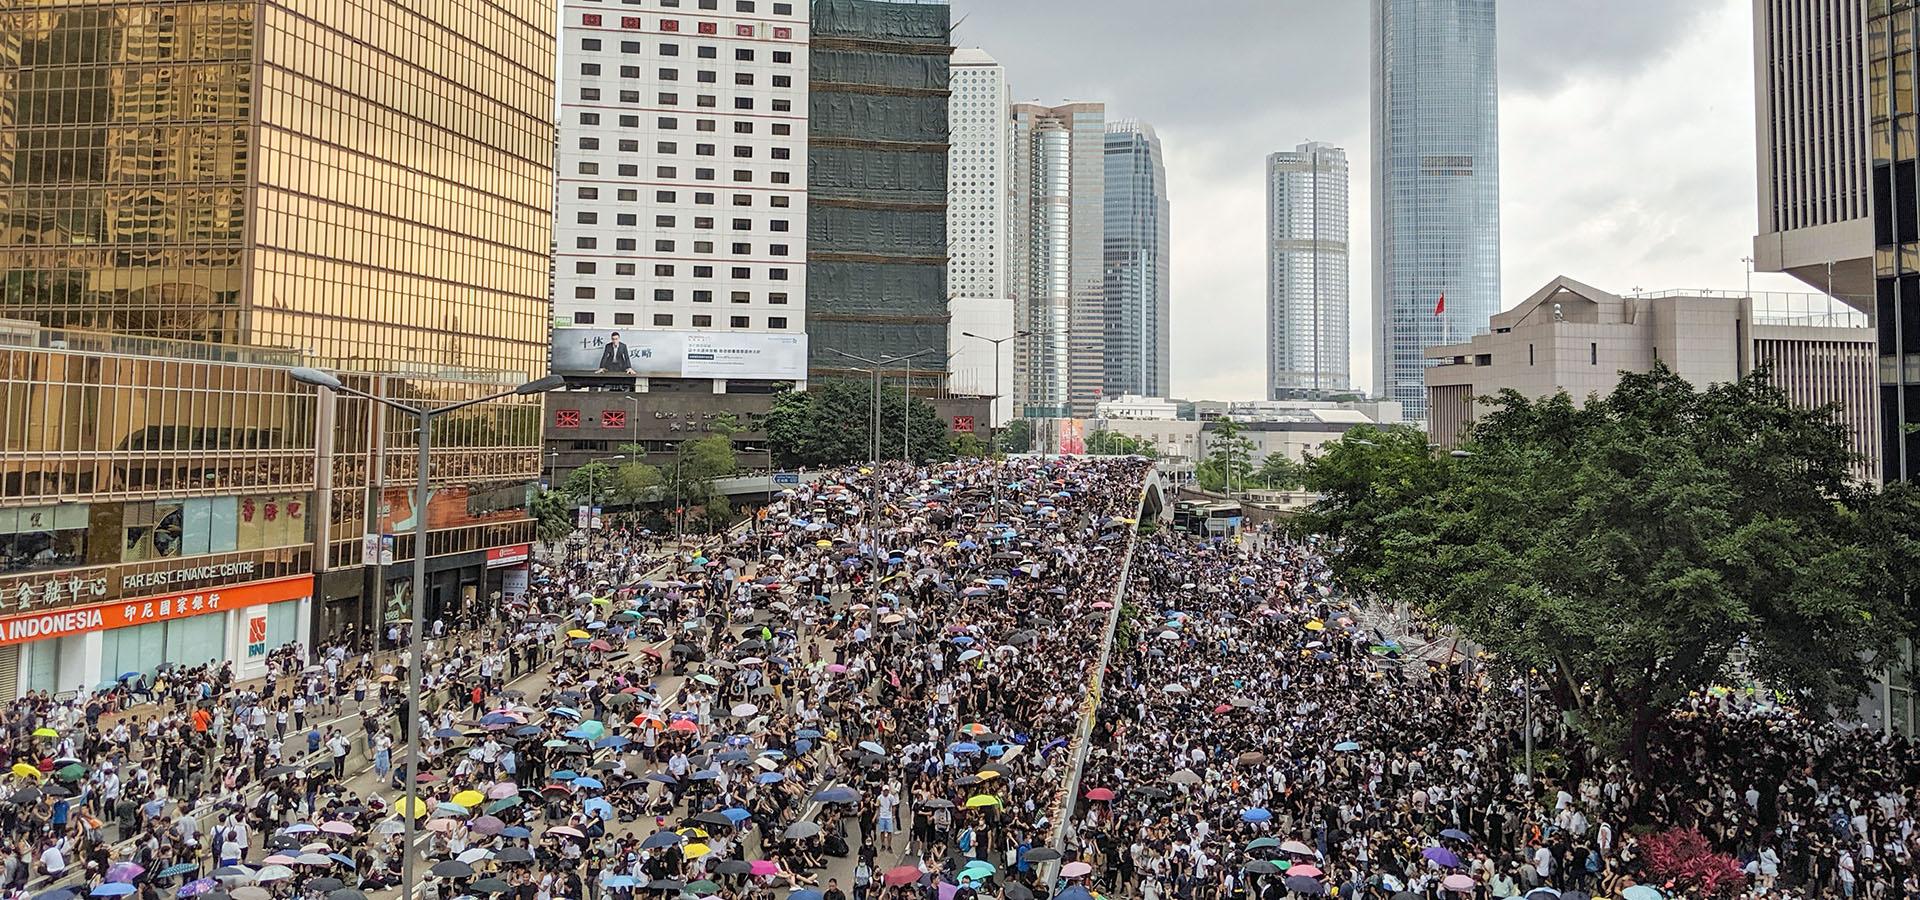 Dialogo e non violenza: le vie della pace per Hong Kong